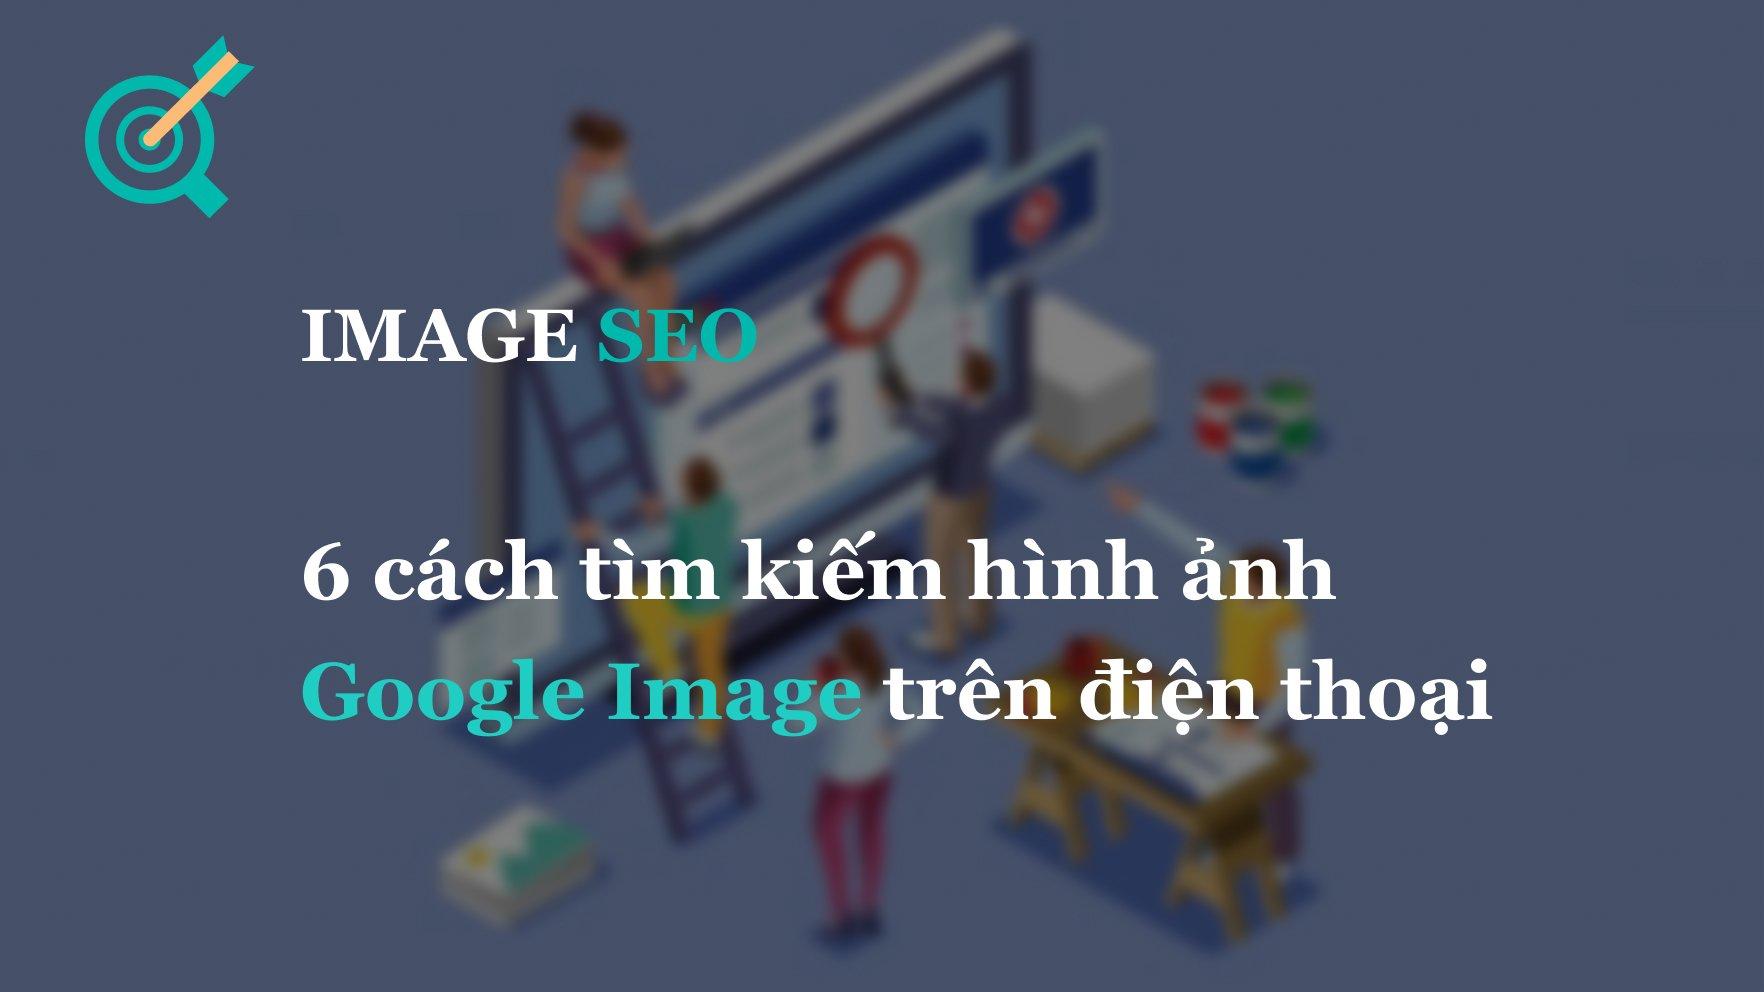 6 cách tìm kiếm hình ảnh Google Image trên điện thoại